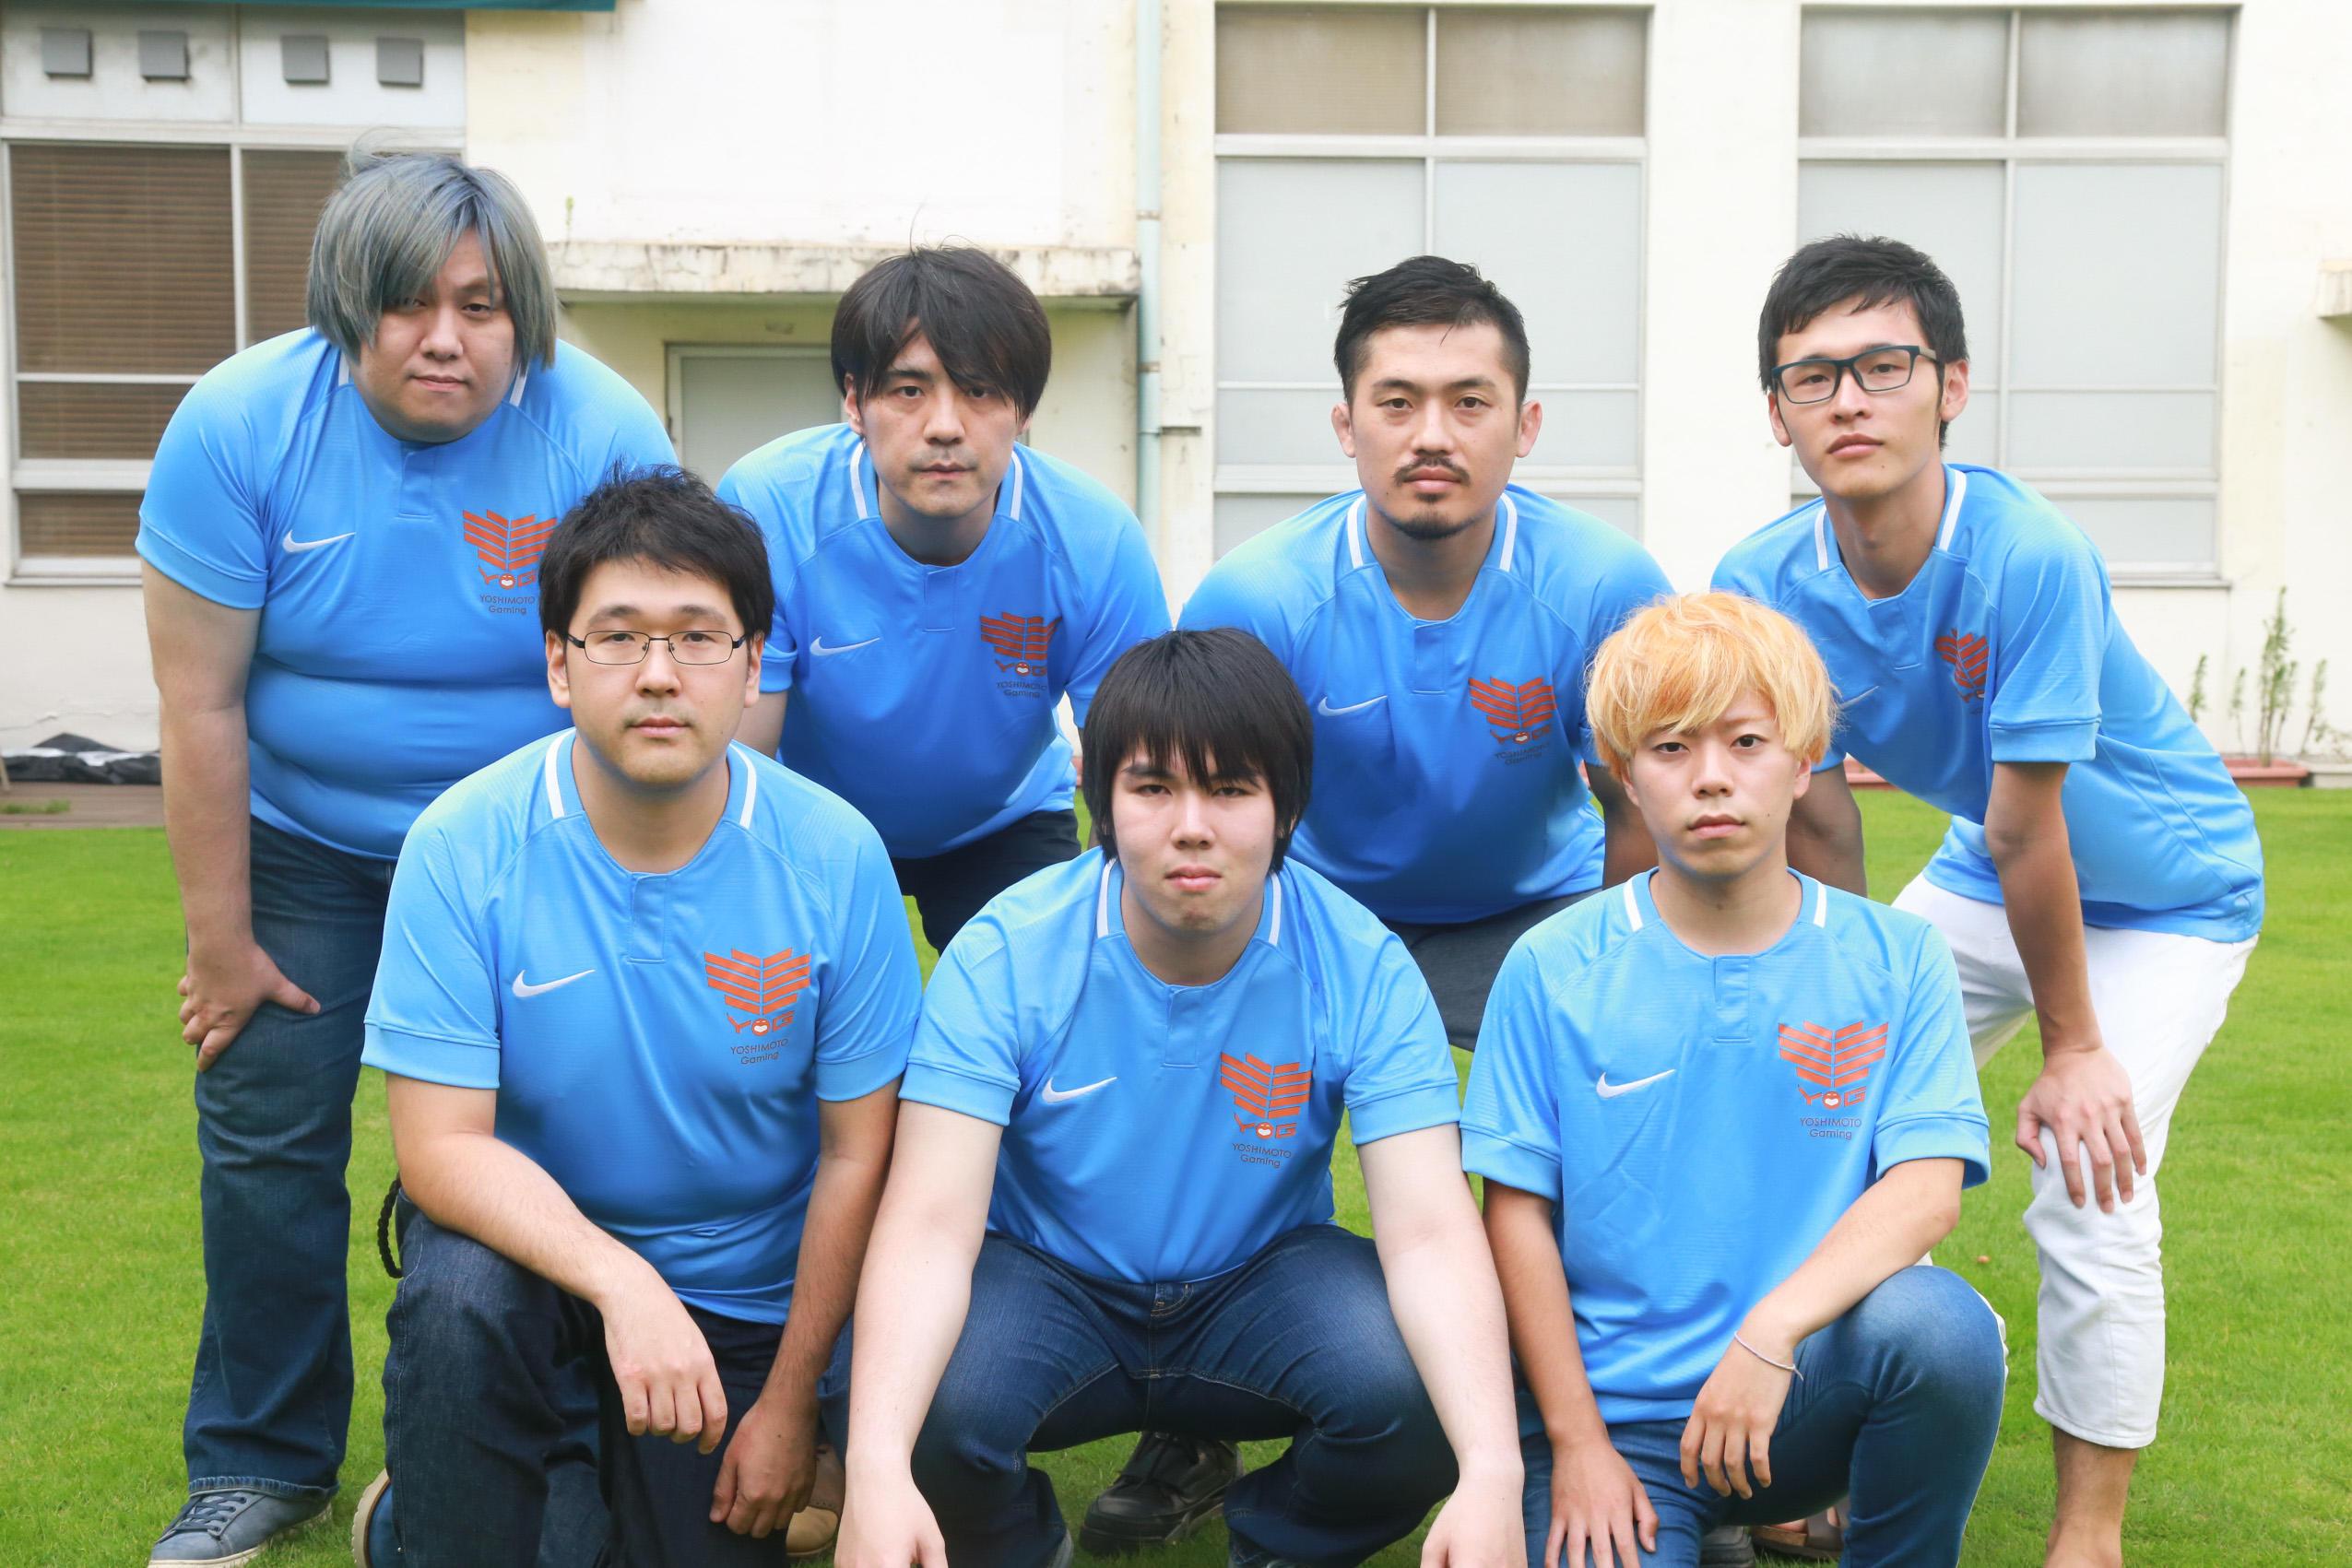 http://news.yoshimoto.co.jp/20180802223337-695a50b13bd219ea21f8c3b14fc6dc799632fcf1.jpg